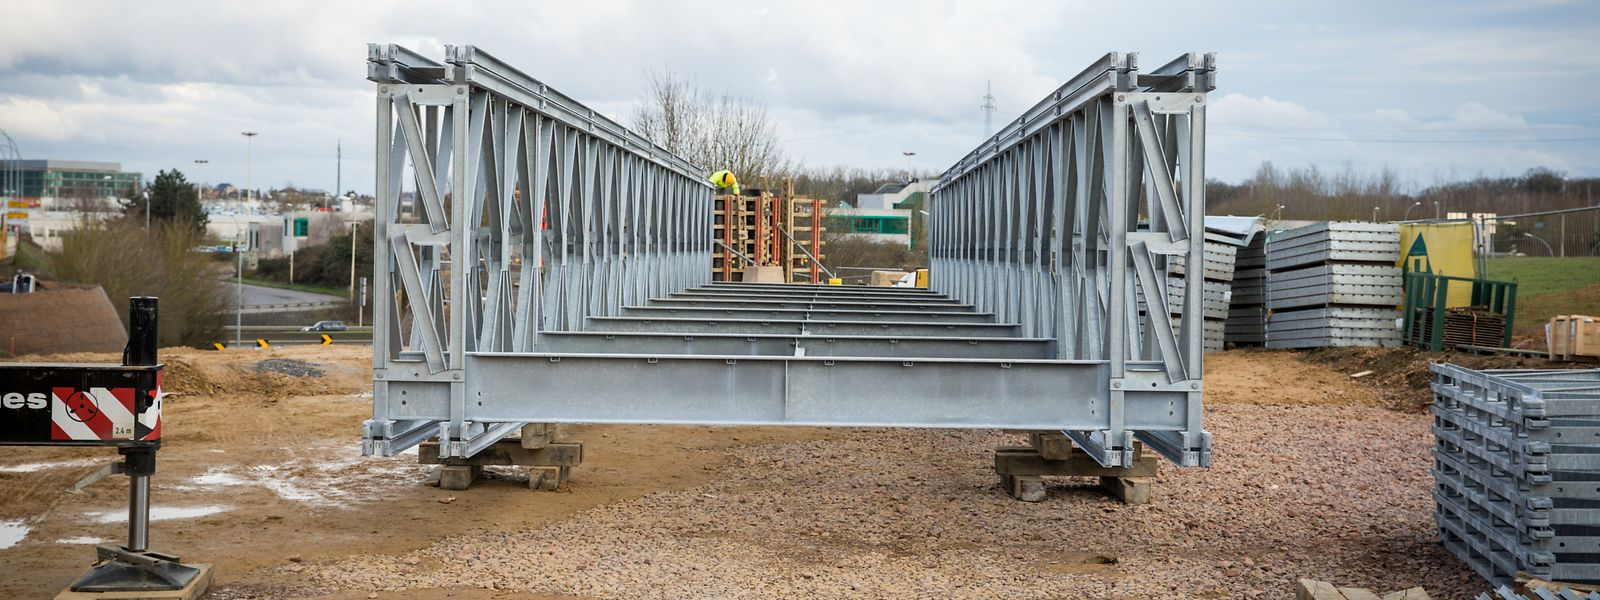 Das Brückengerüst lag bereits seit Längerem im Depot der Straßenbauverwaltung in Waldhof bereit, nun hat der Zusammenbau begonnen.